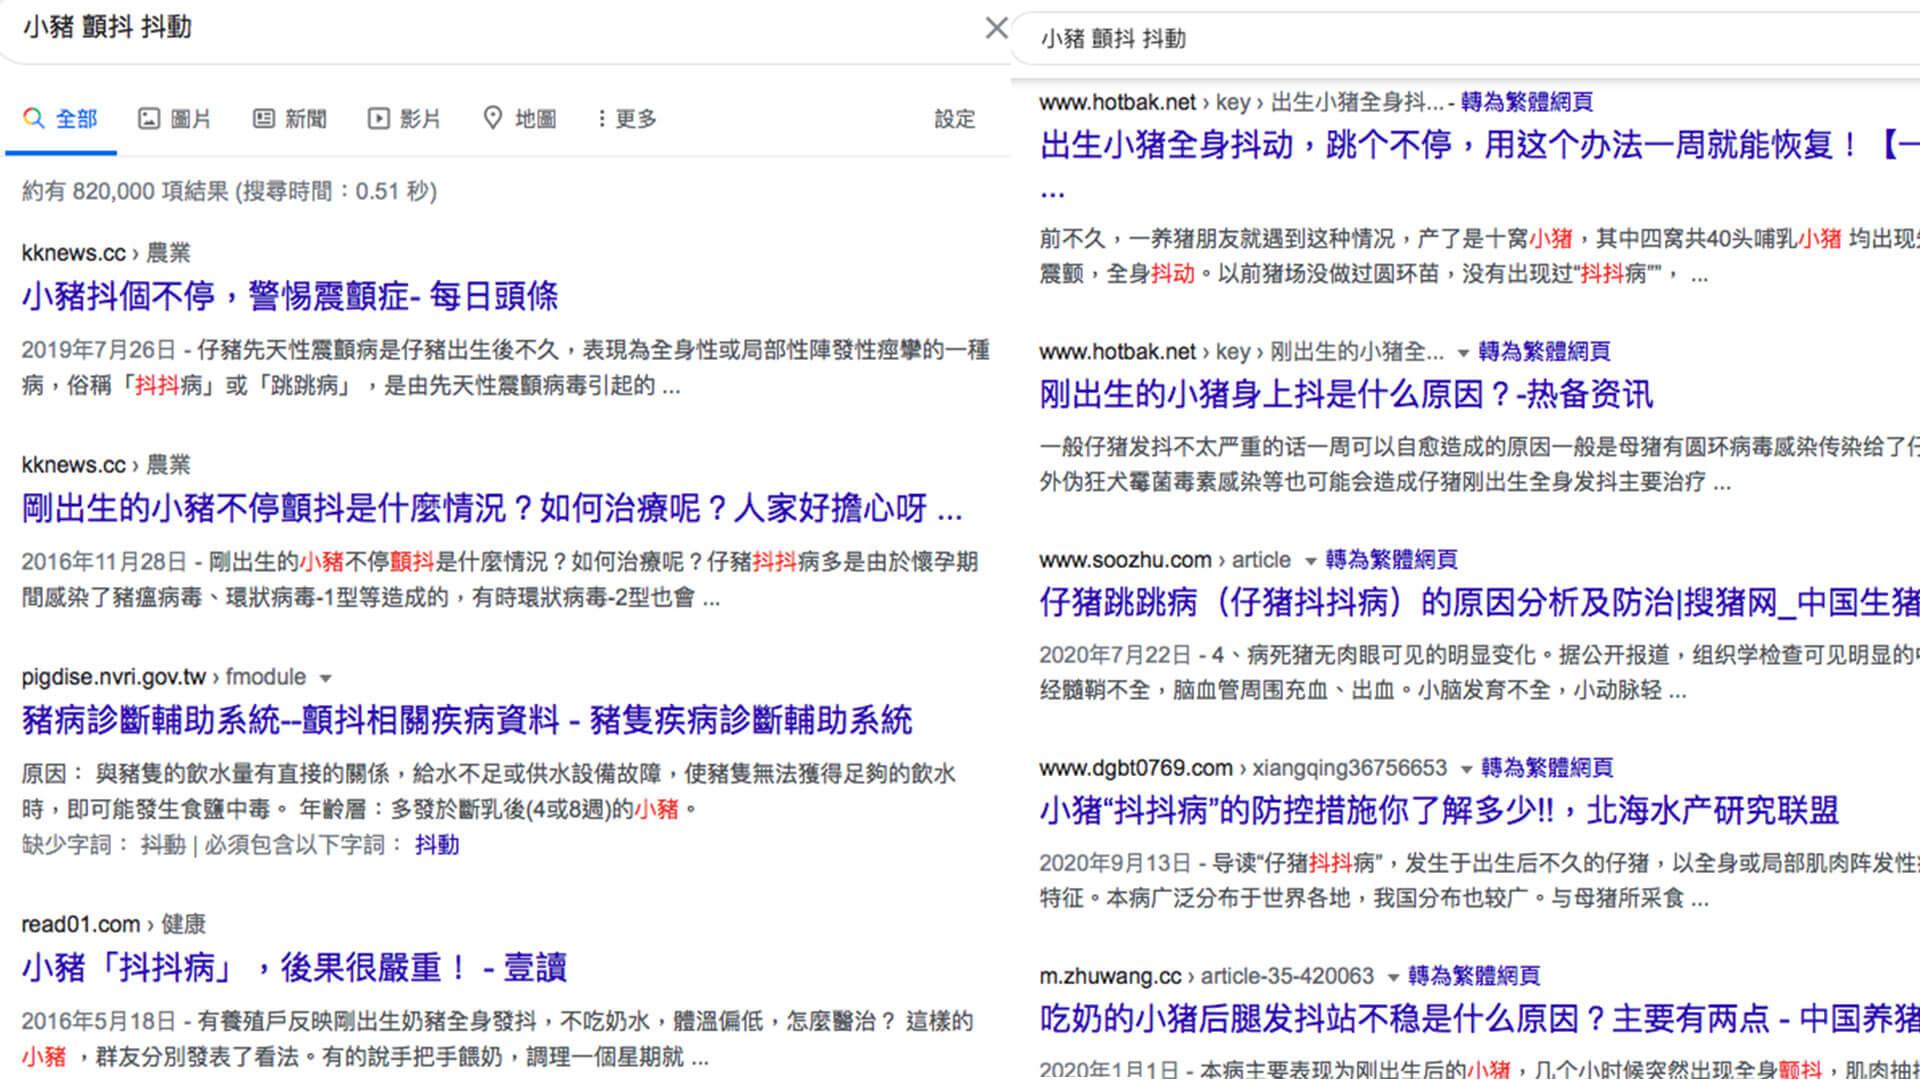 使用簡單的關鍵字Google搜尋之結果。